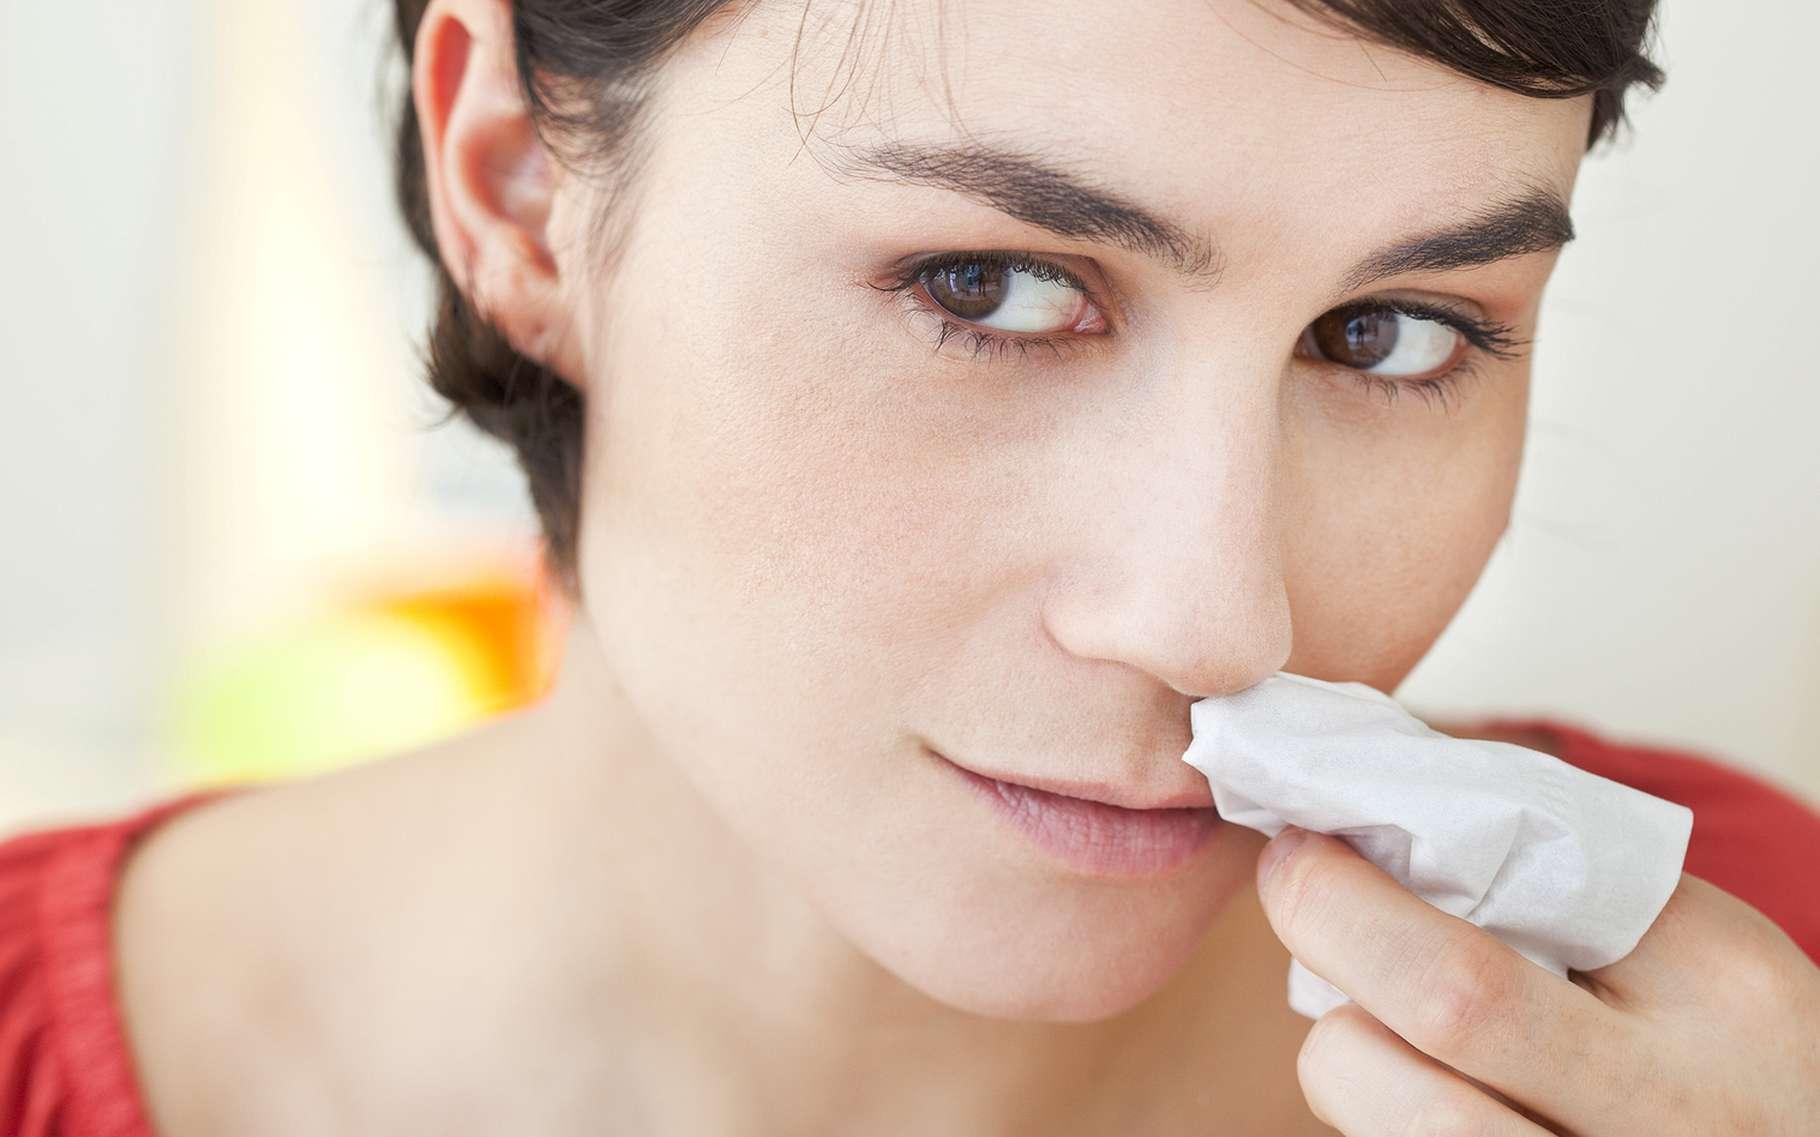 Le saignement de nez peut impressionner mais est généralement bénin. © Image Point Fr, Shutterstock